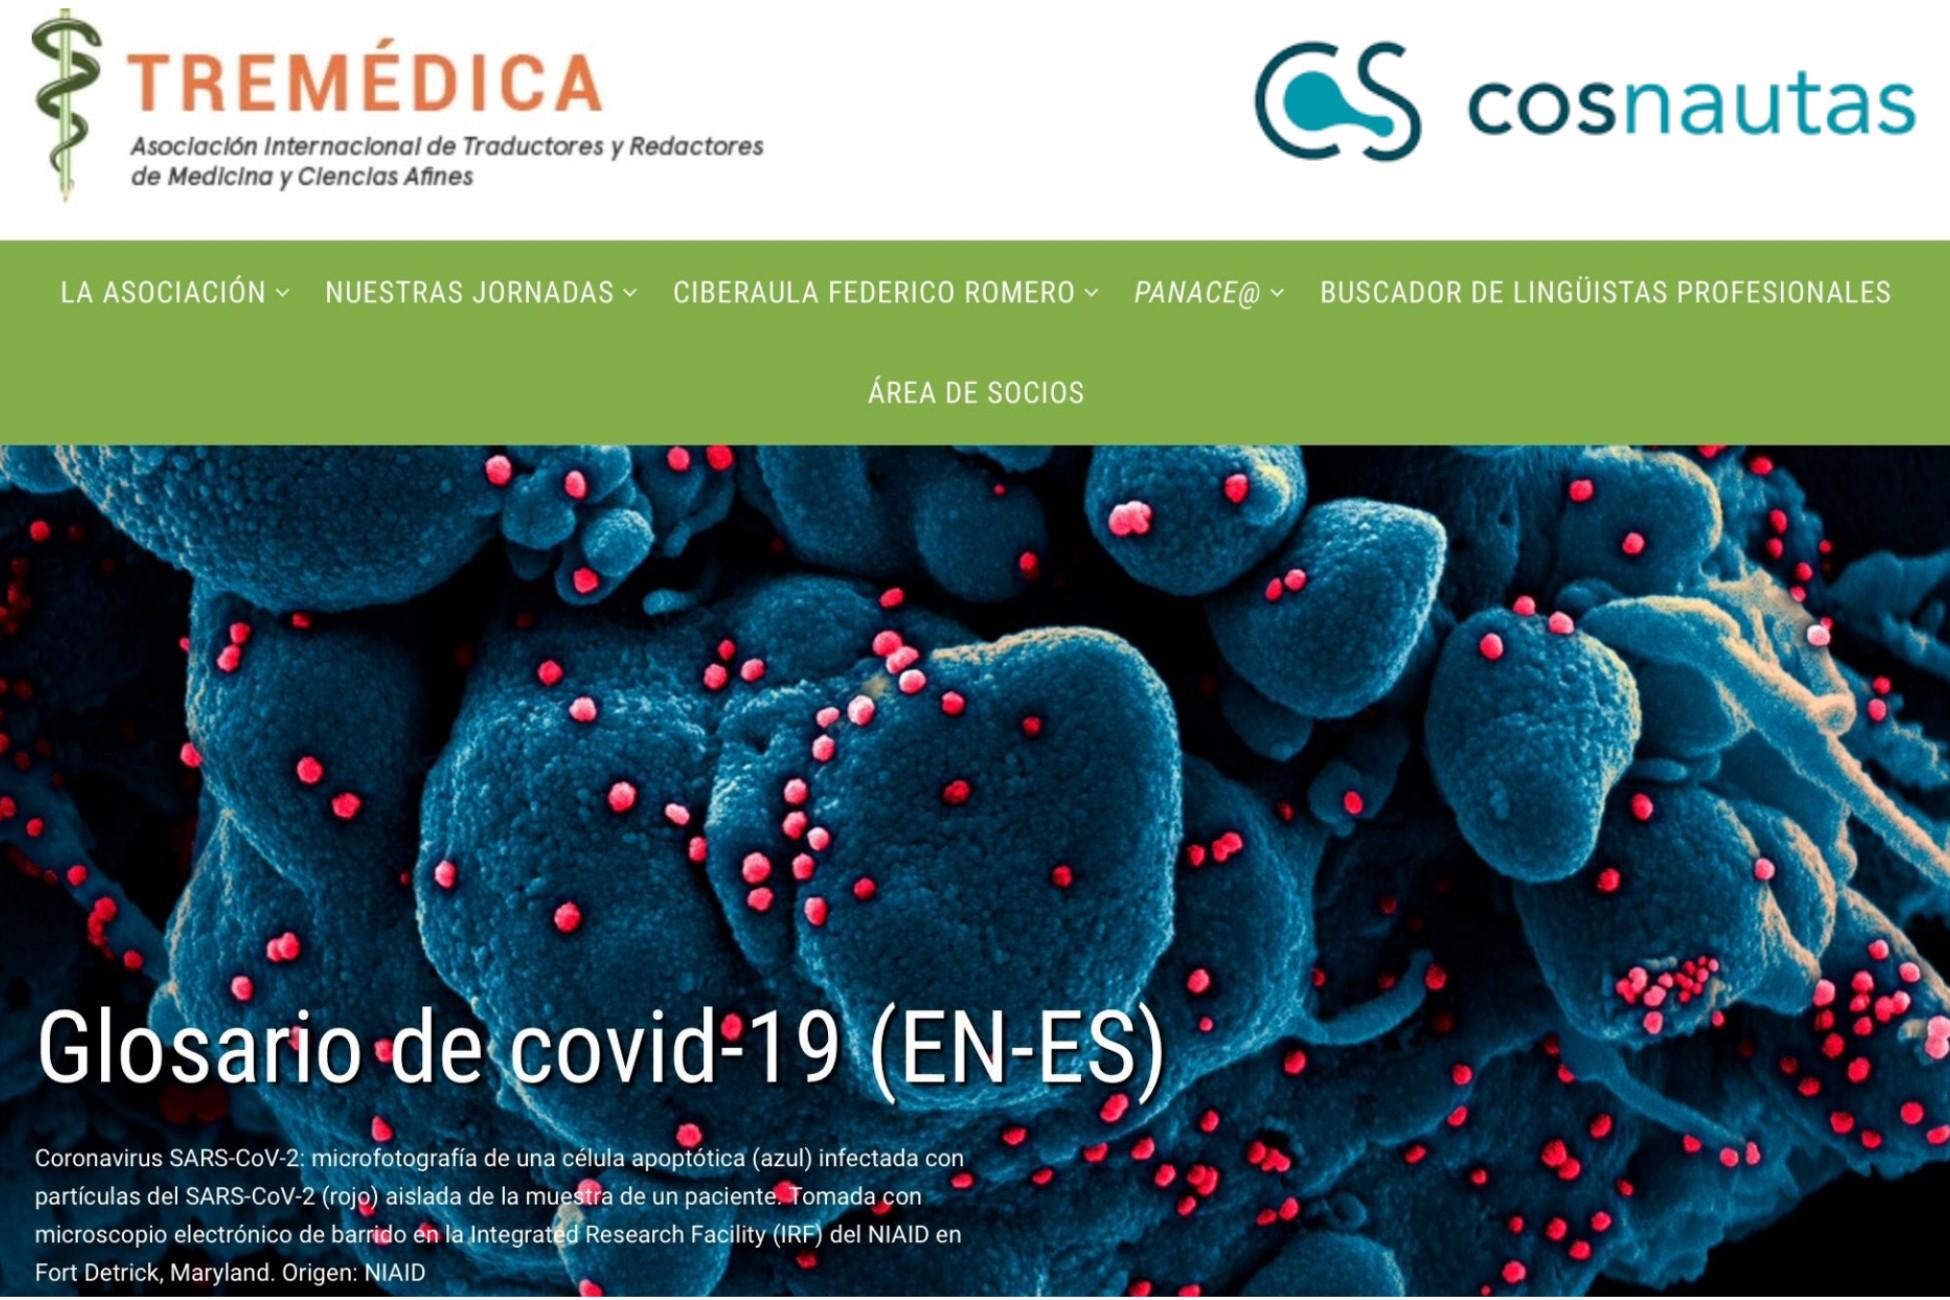 Glosario de covid-19 (inglés>español), con la colaboración de Cosnautas